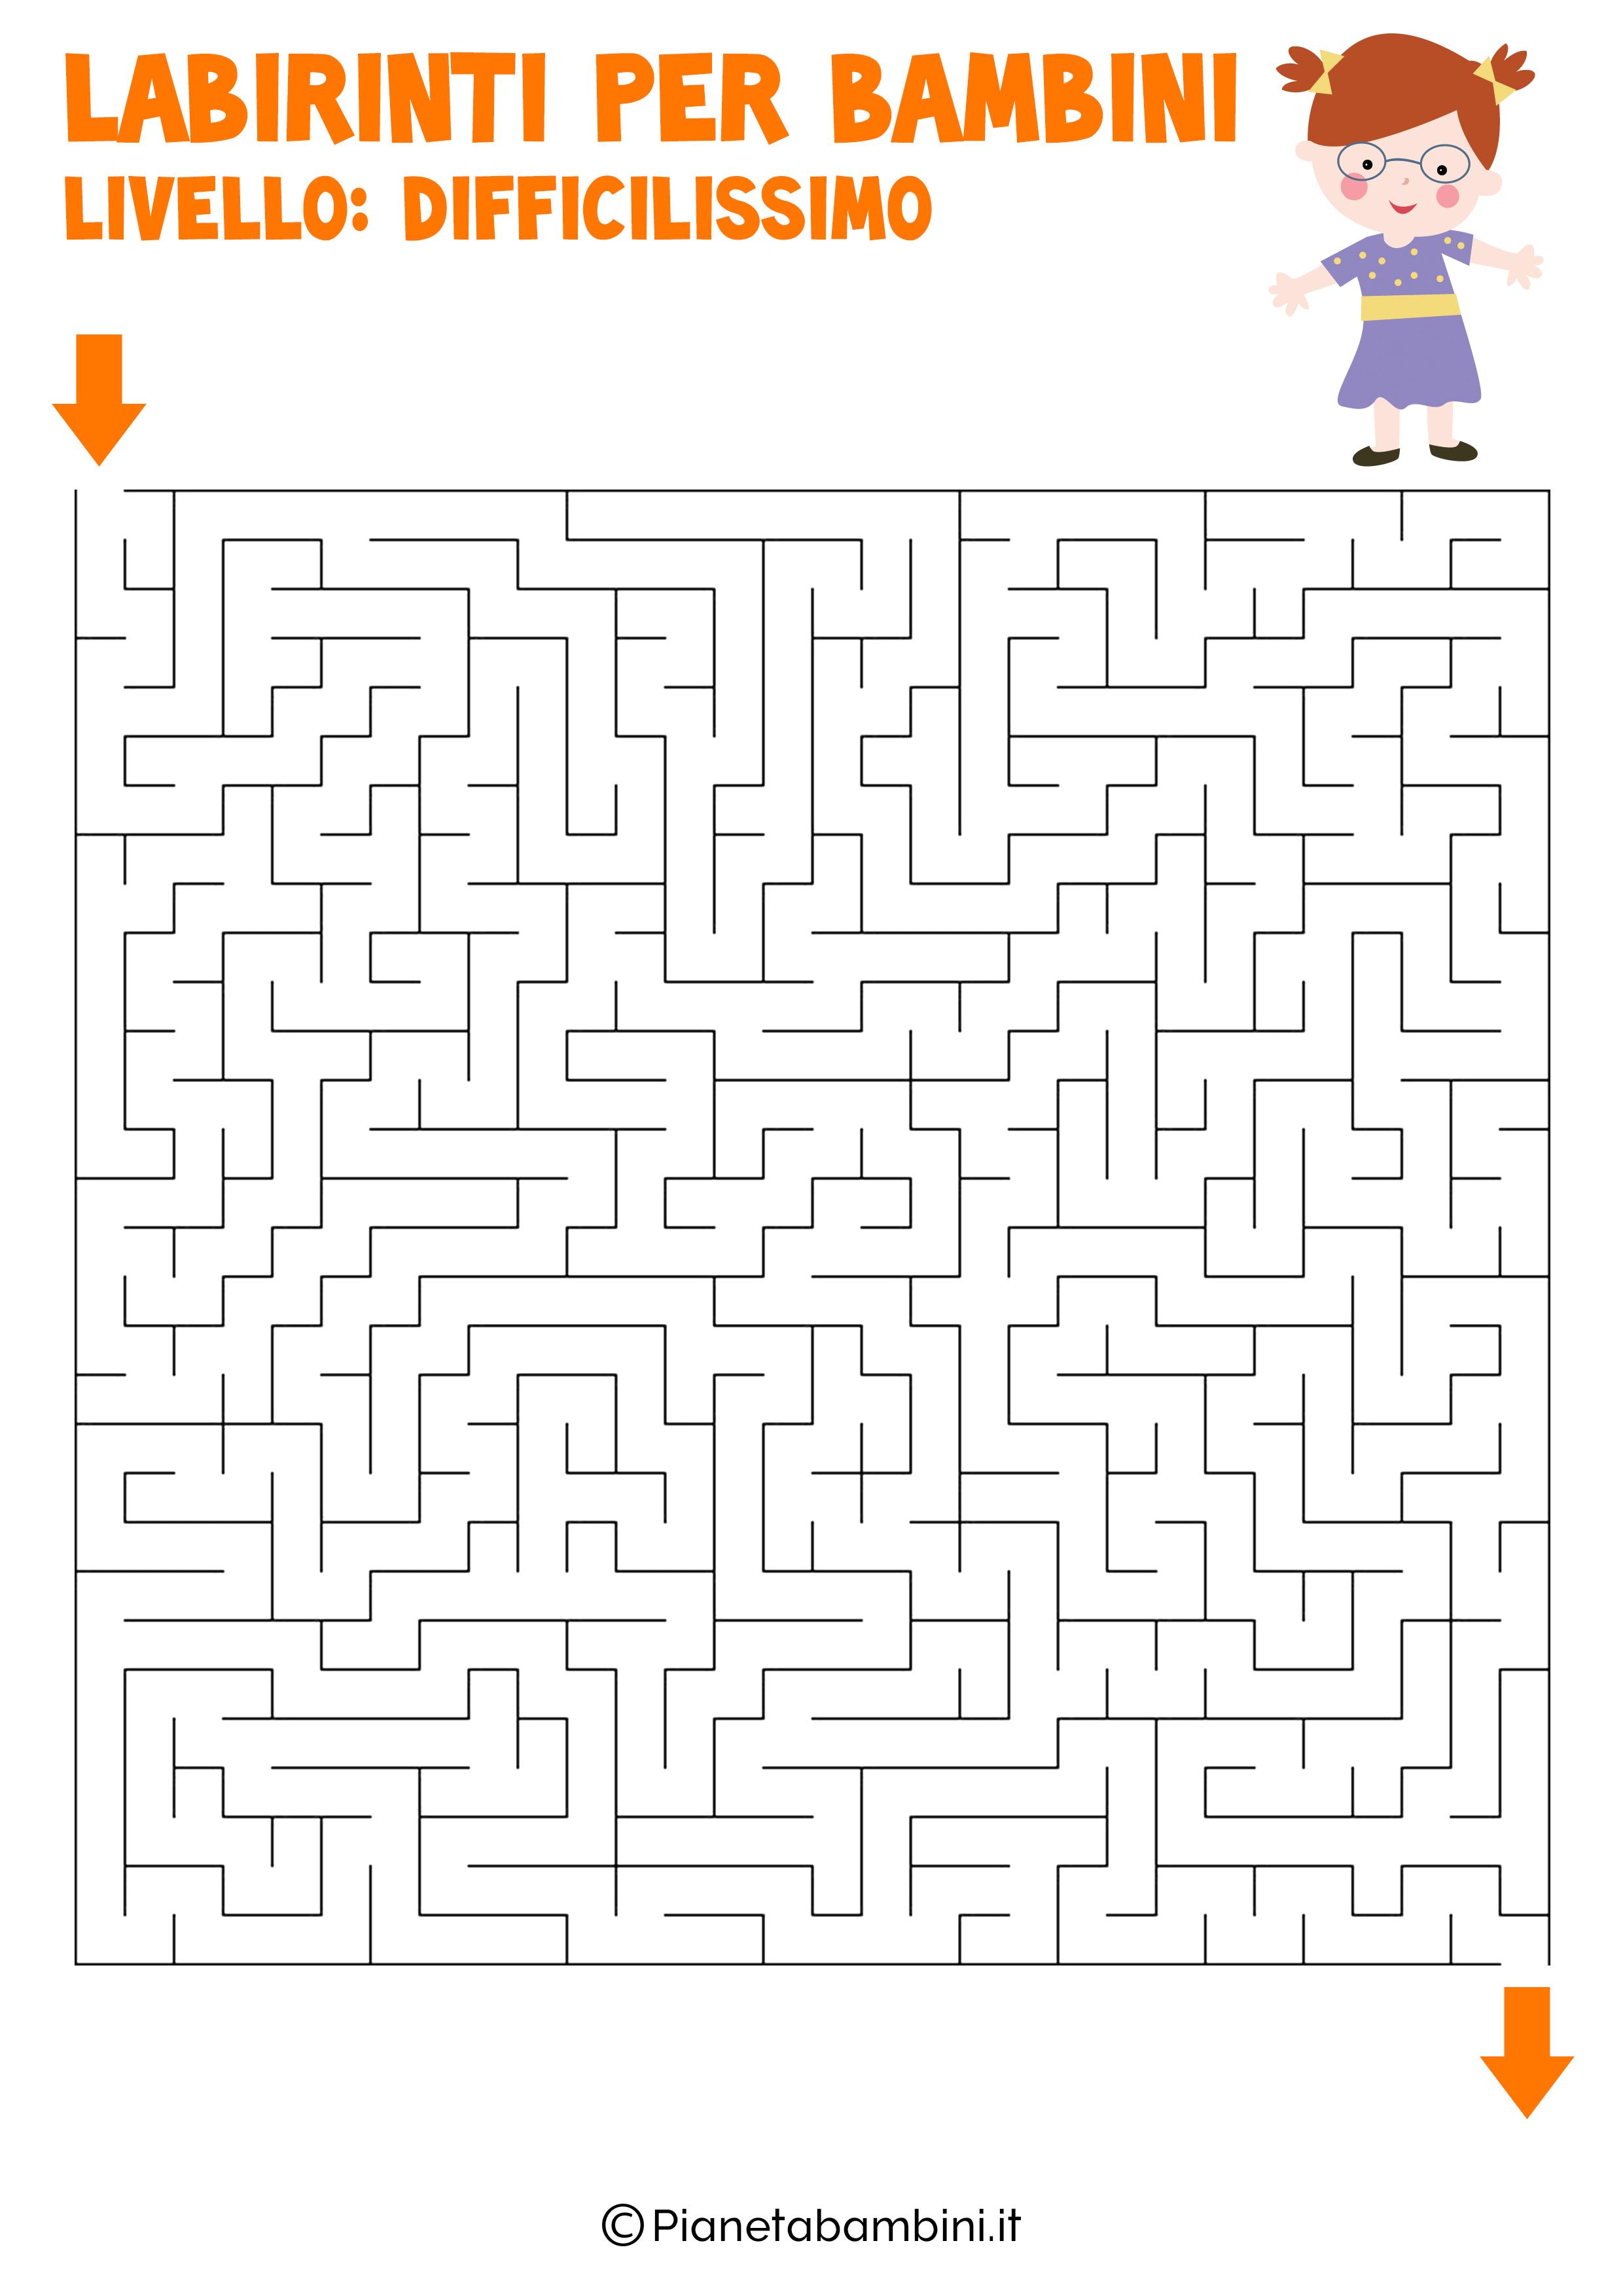 Labirinti-Difficilissimi-Bambini-13